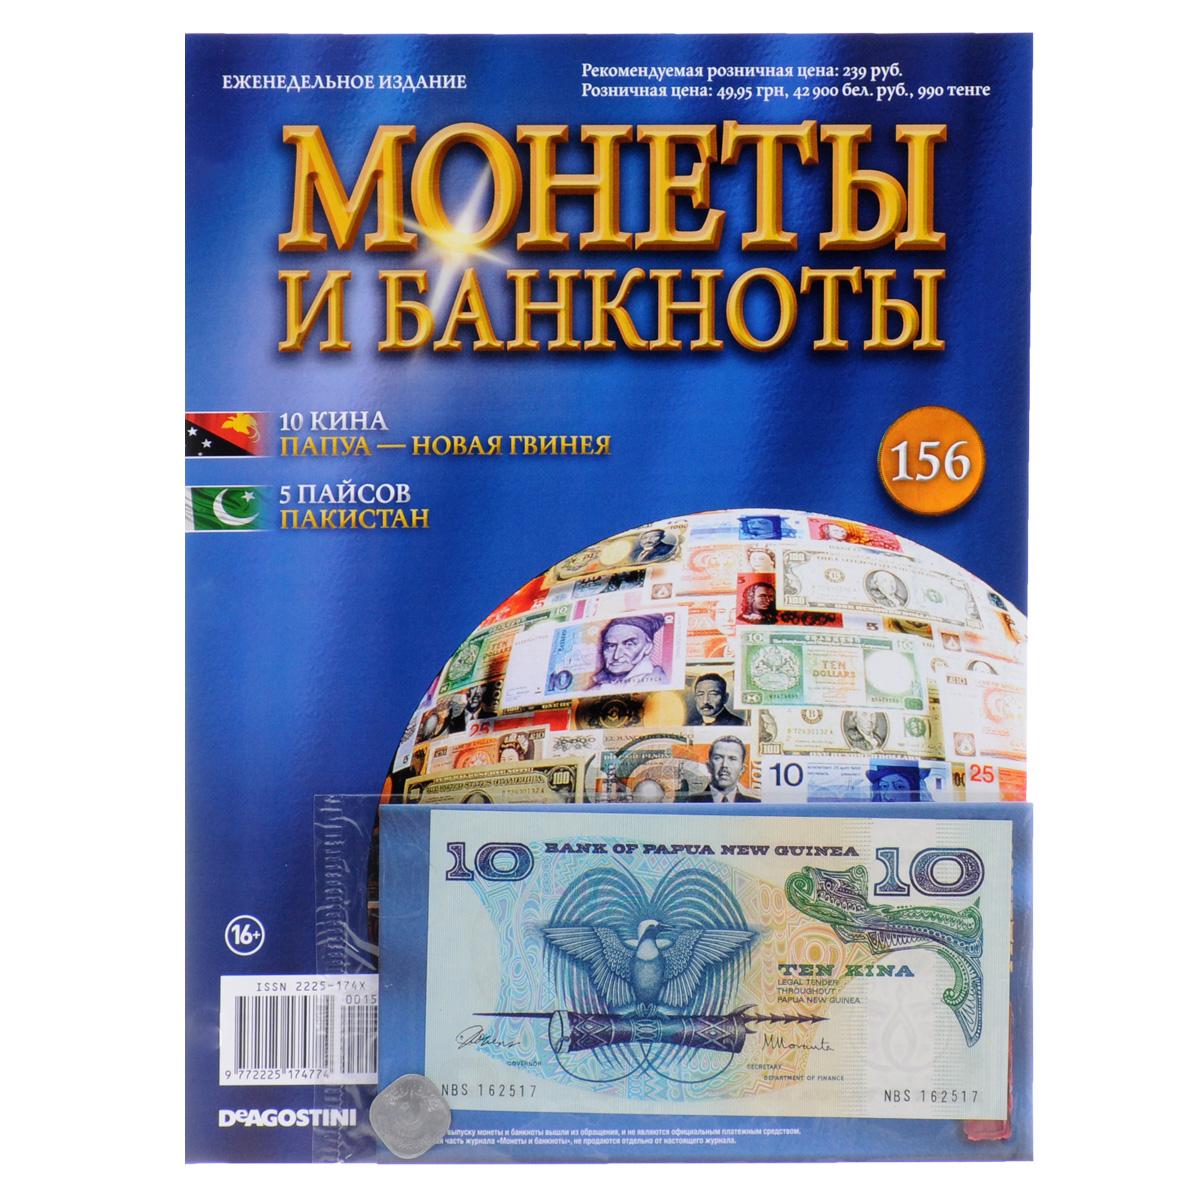 Журнал Монеты и банкноты №156 монеты в сургуте я продаю